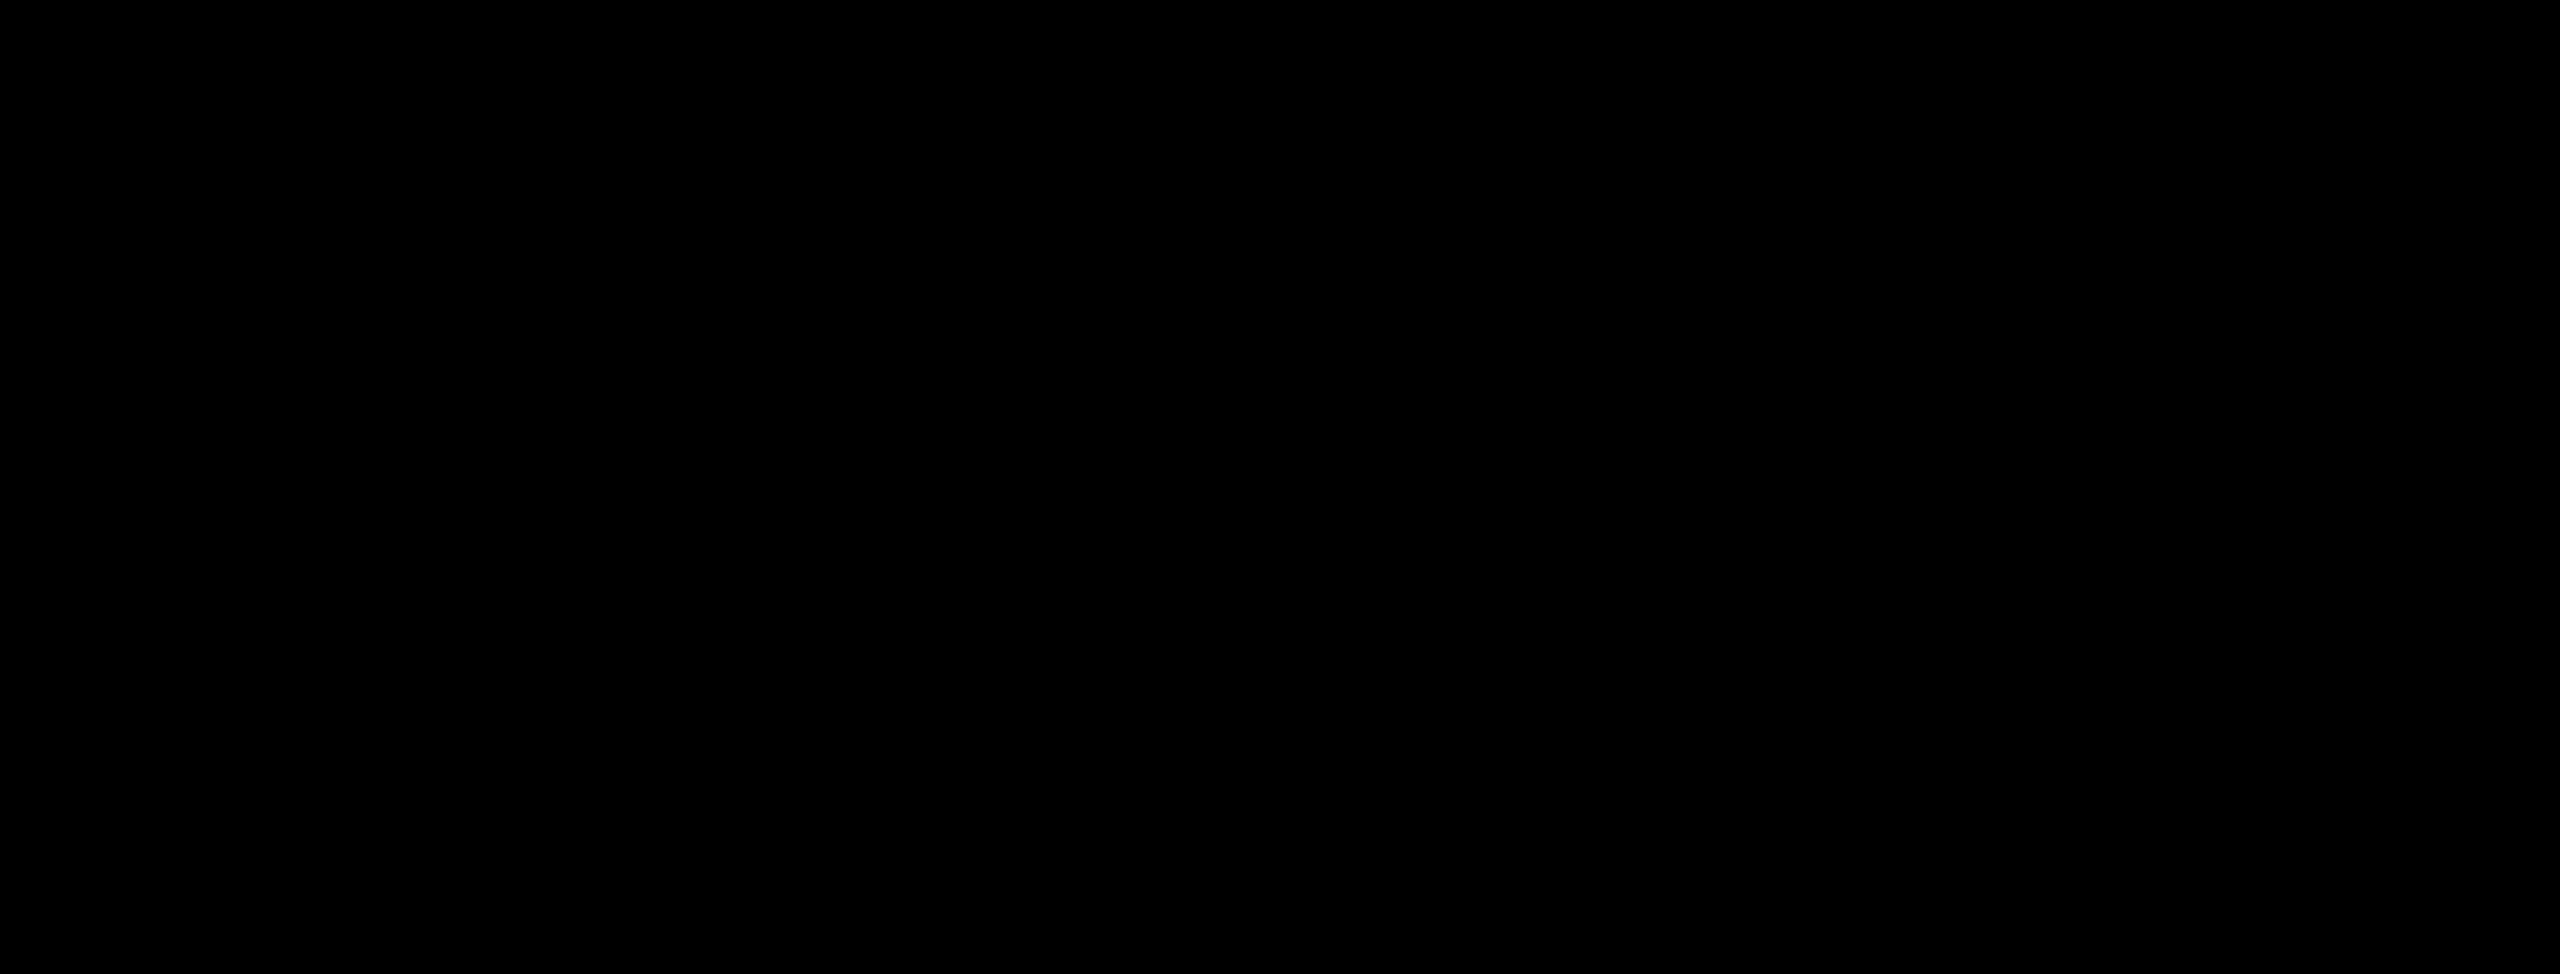 Te Korowai o Wainuiārua and Mōkai Pātea Nui Tonu relationship agreement